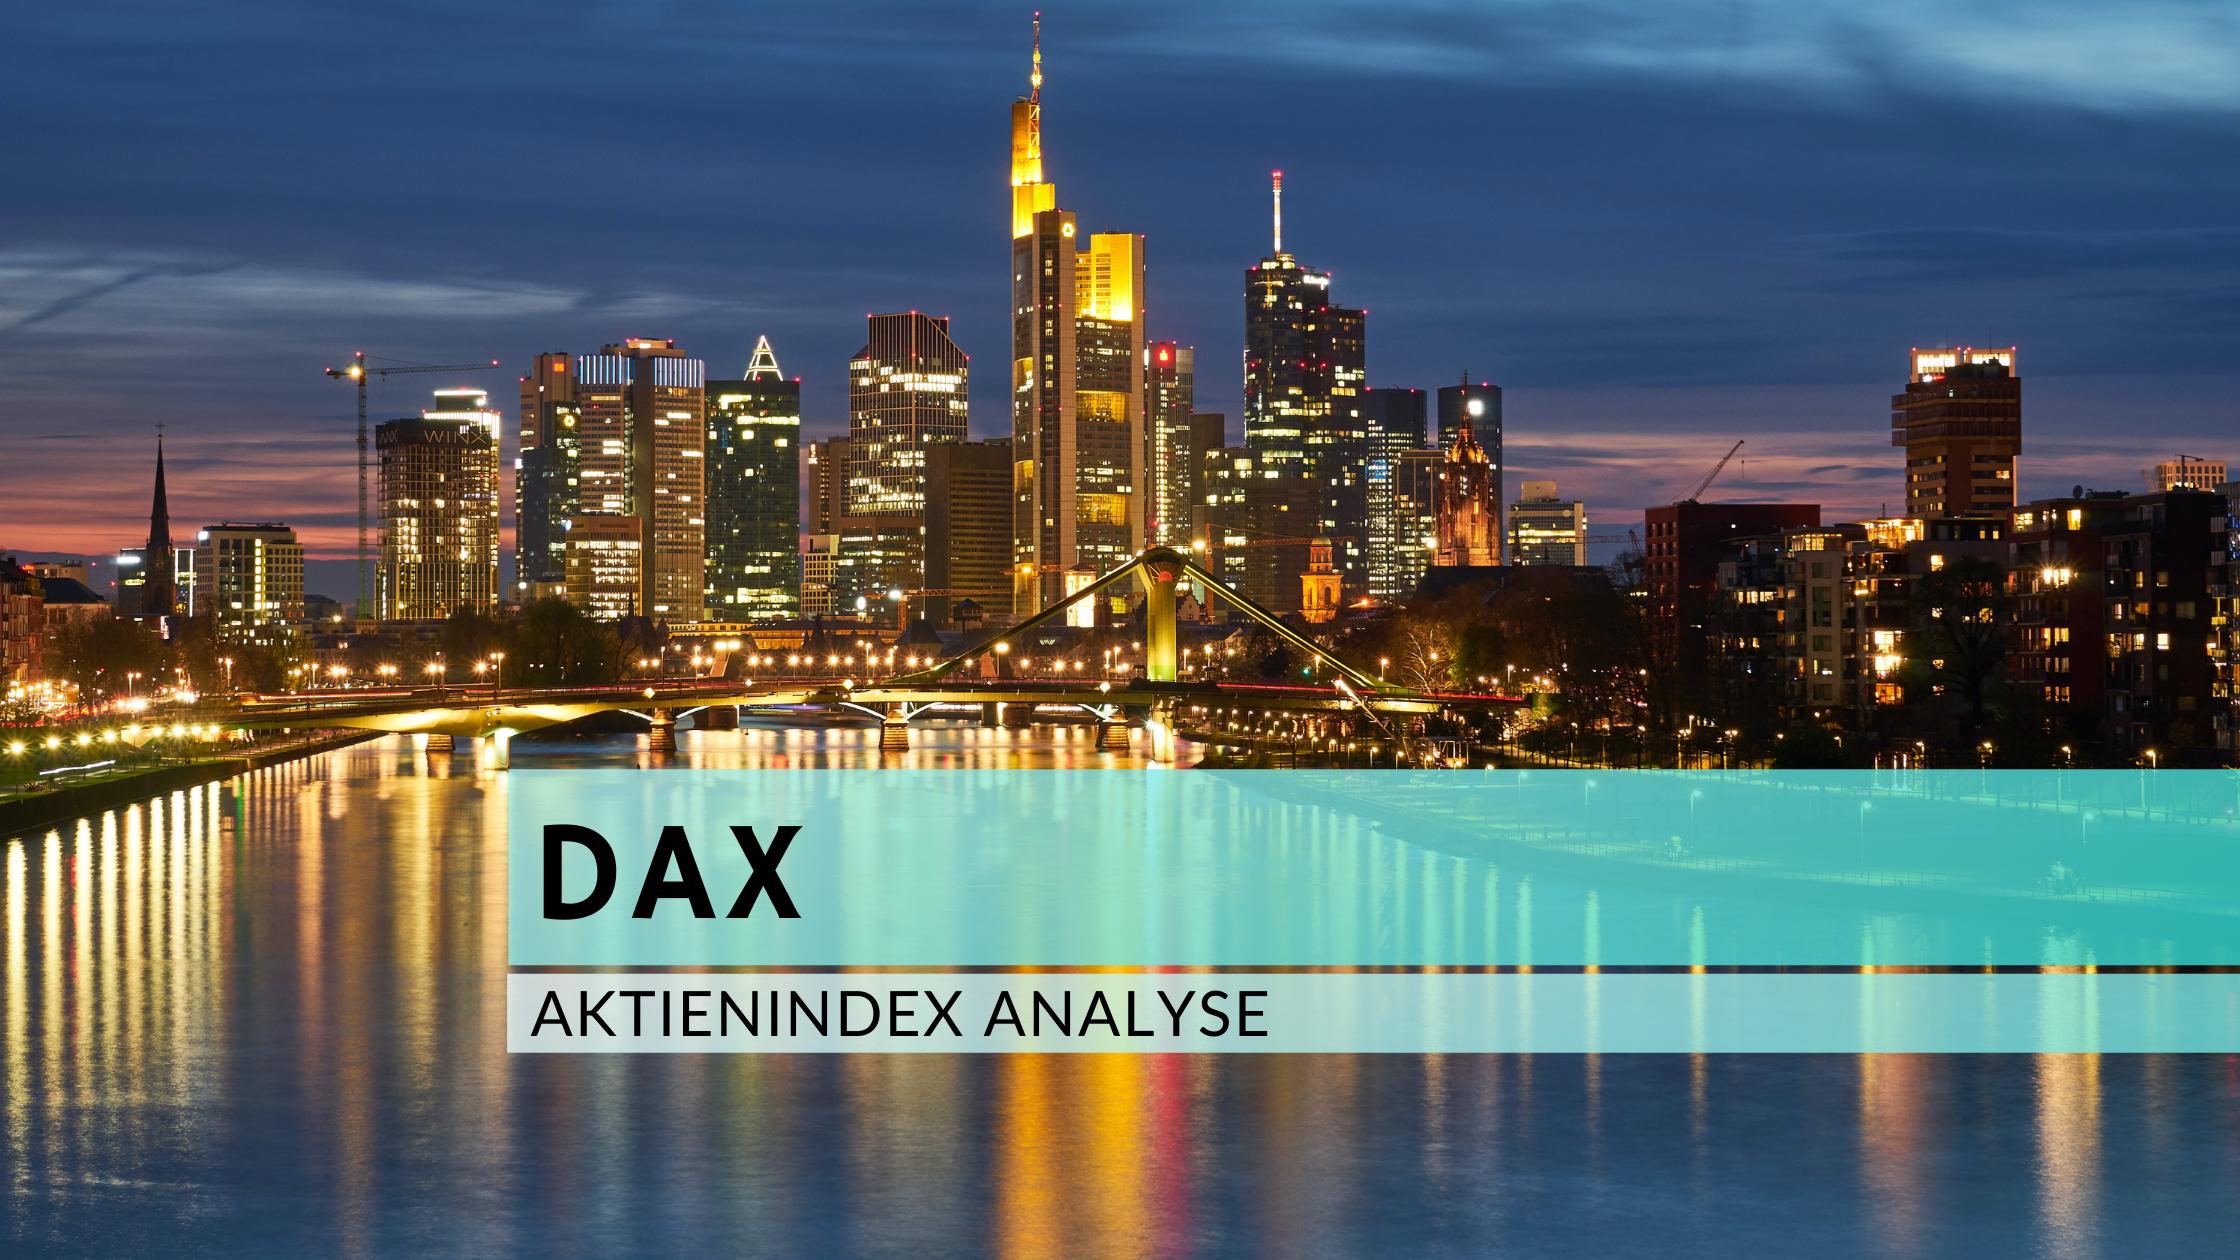 DAX Analyse - KW 41/42